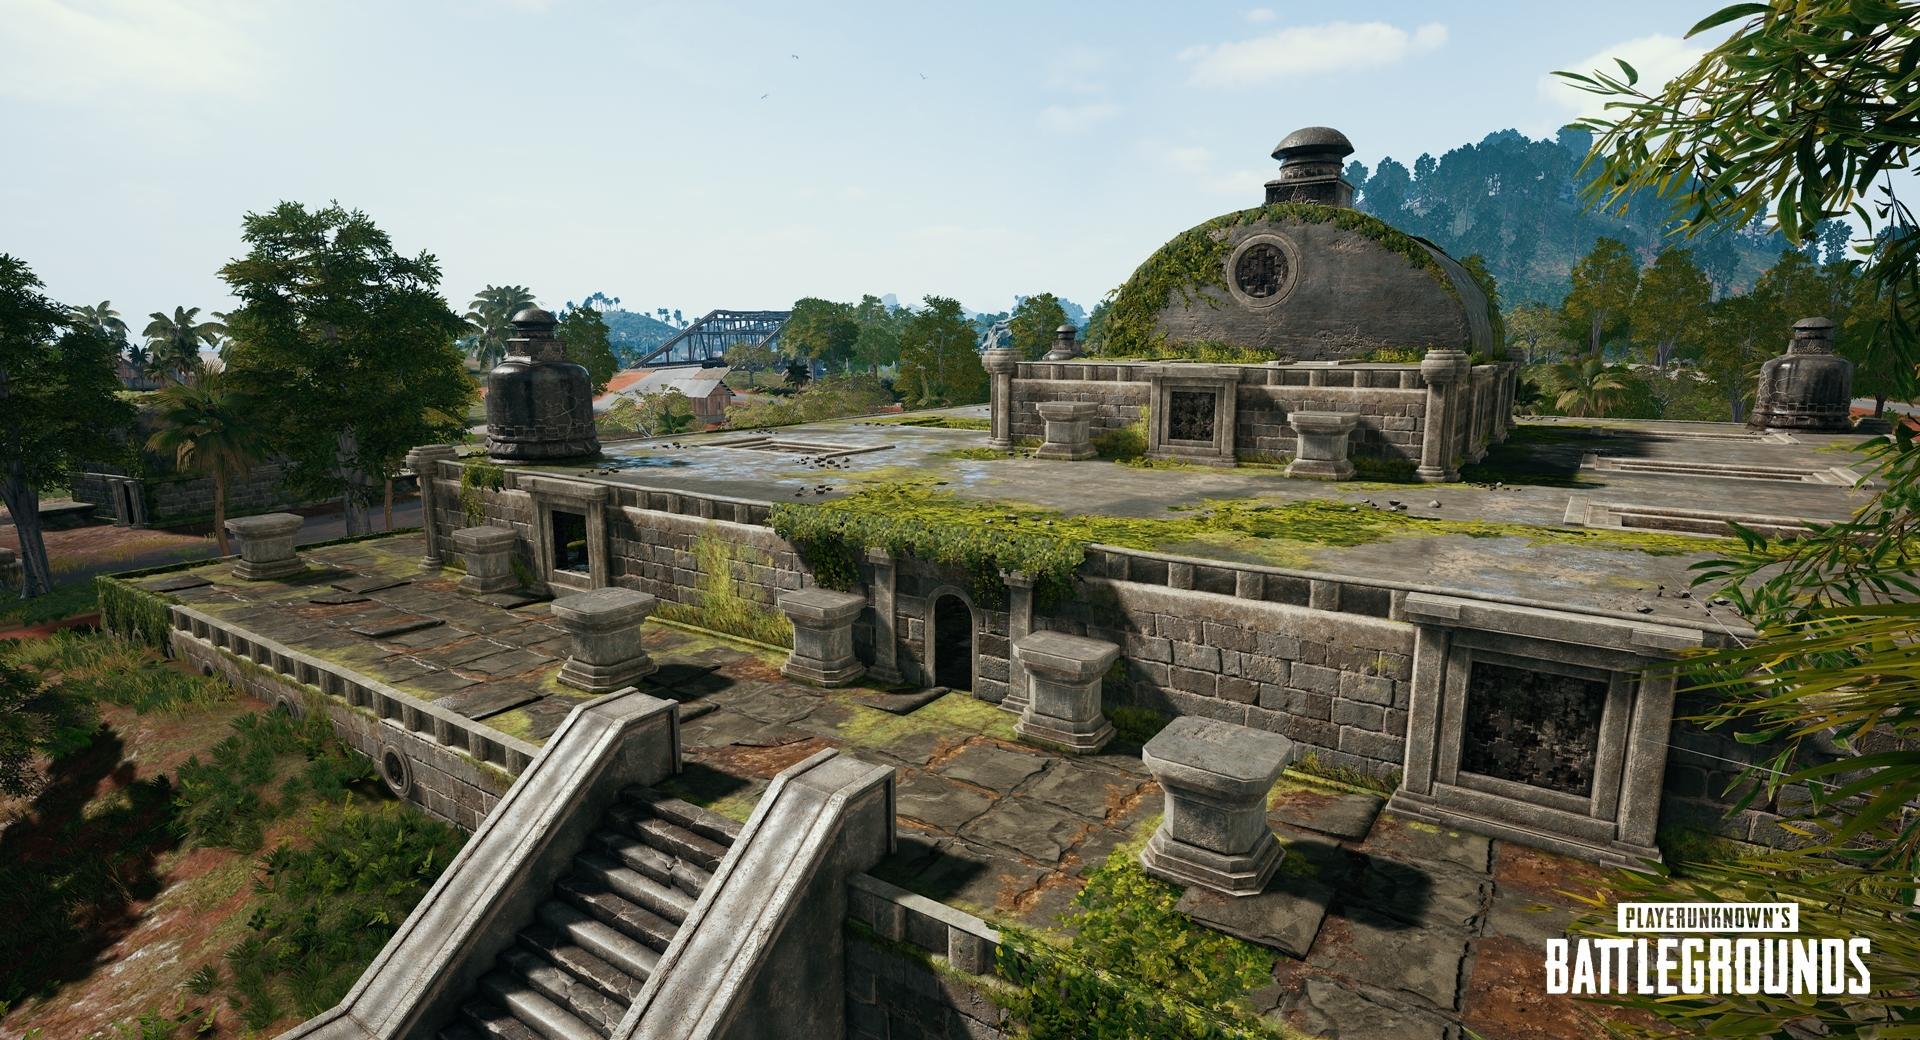 PlayerUnknown's Battlegrounds | Terceiro mapa do jogo será lançado nesta semana